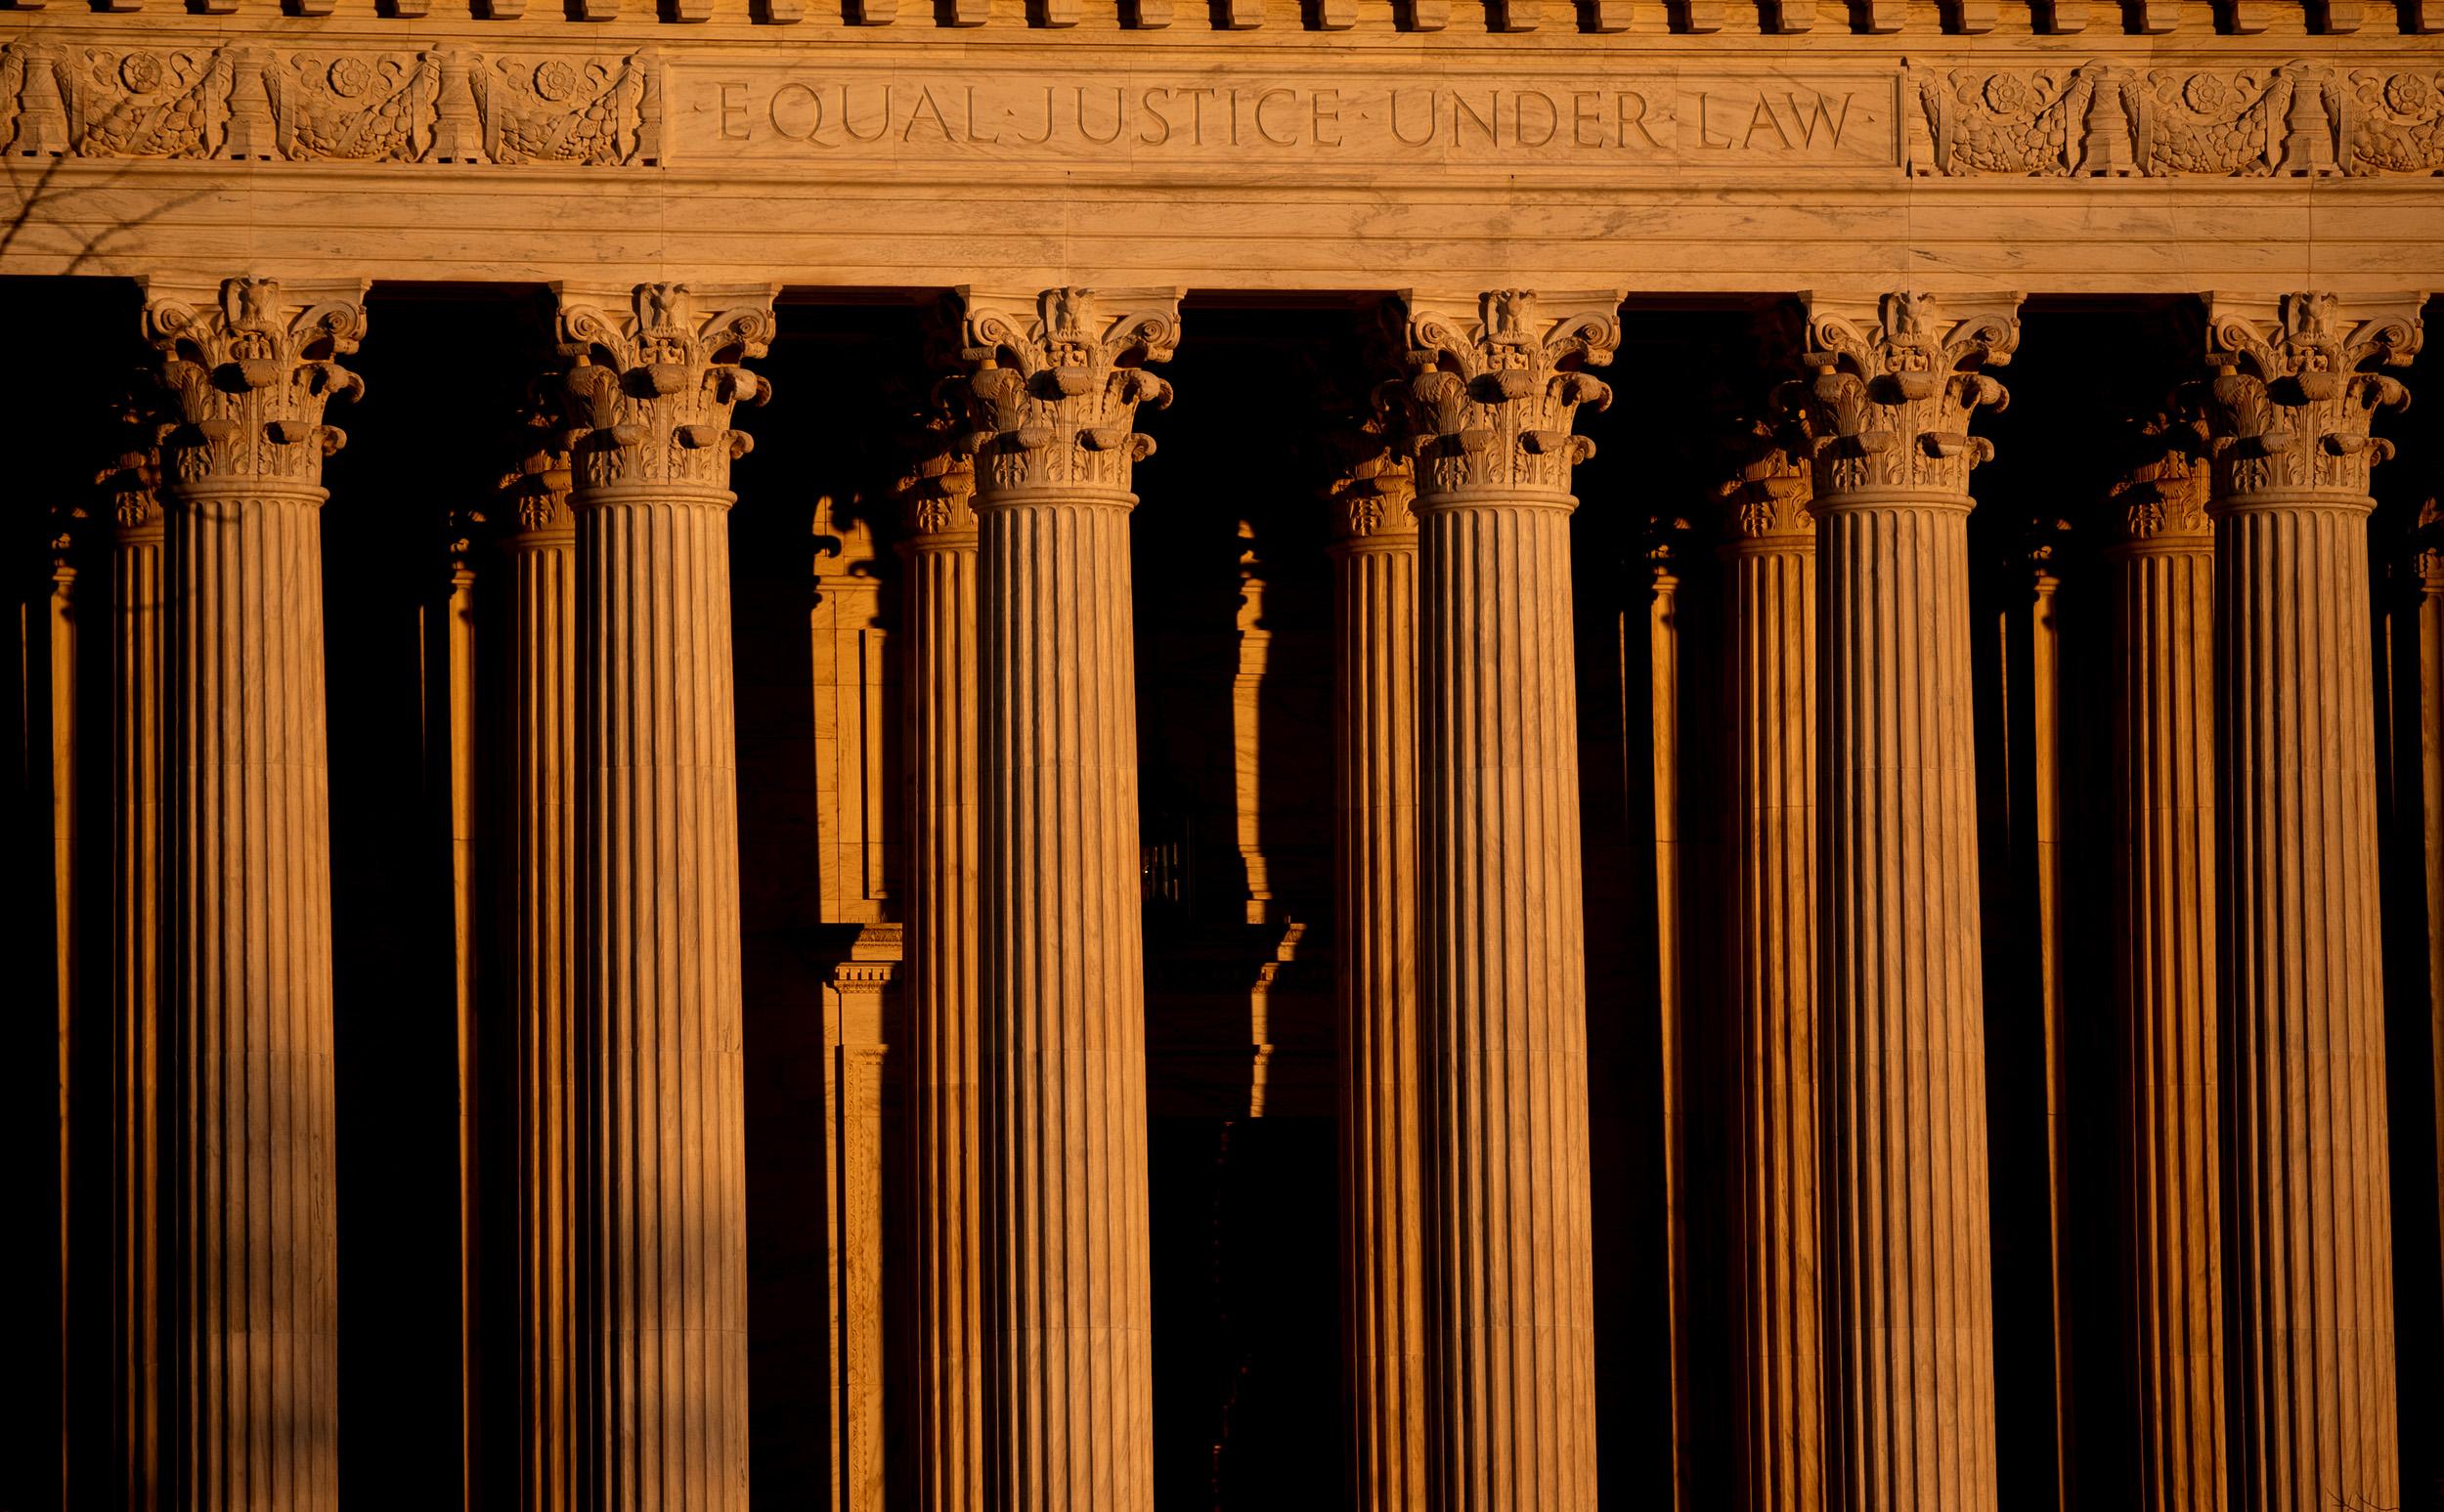 Mississippi asks U.S. Supreme Court to overturn Roe v Wade